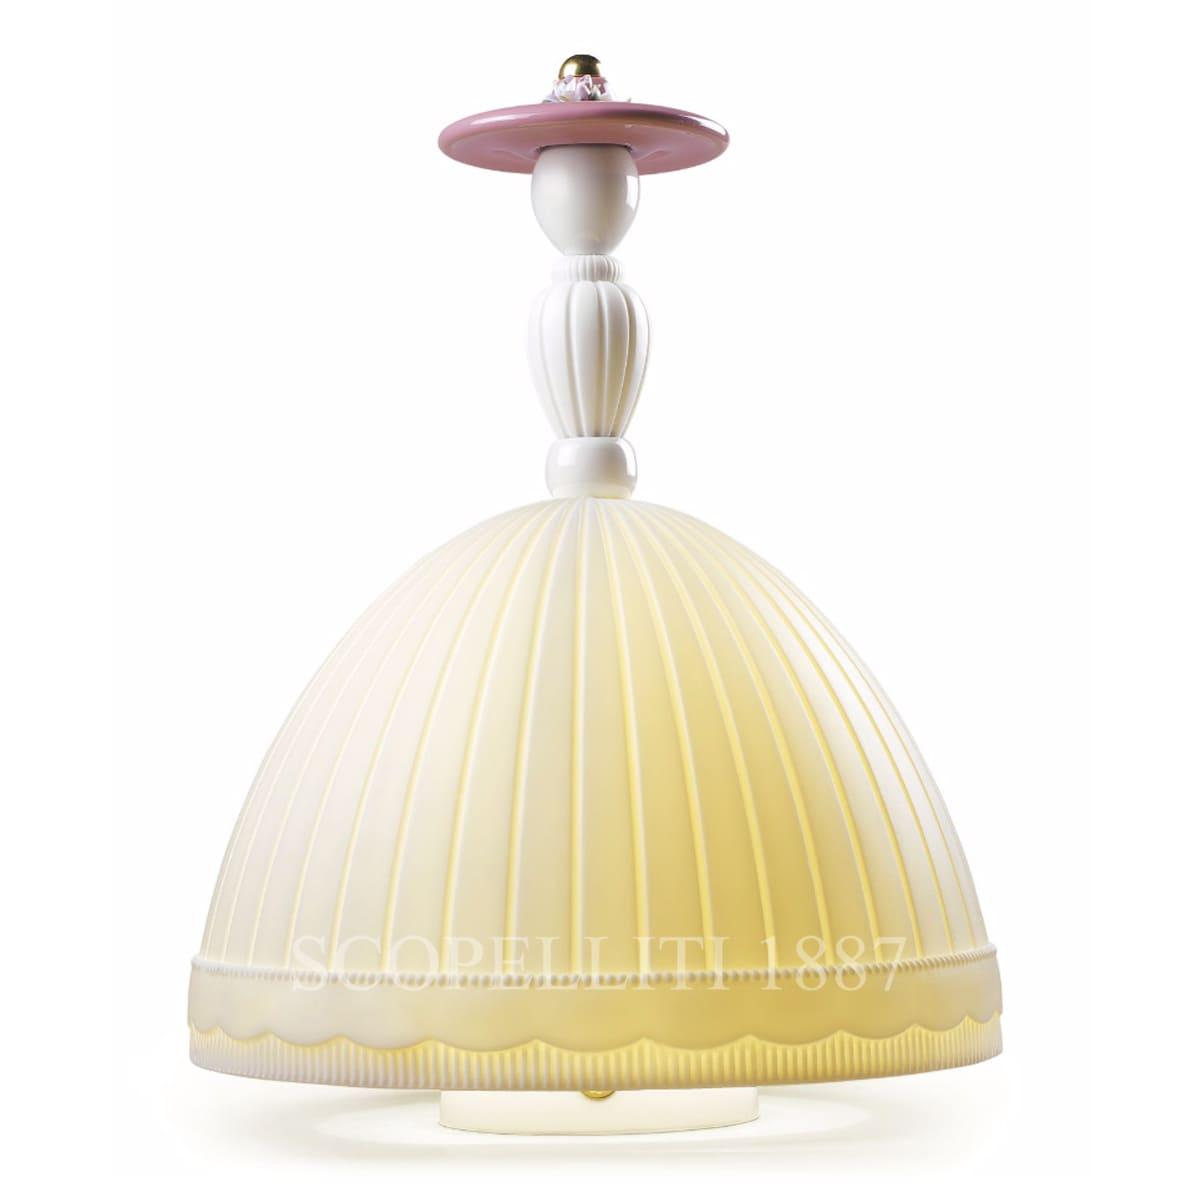 lladro mademoiselle elisabeth designer table lamp